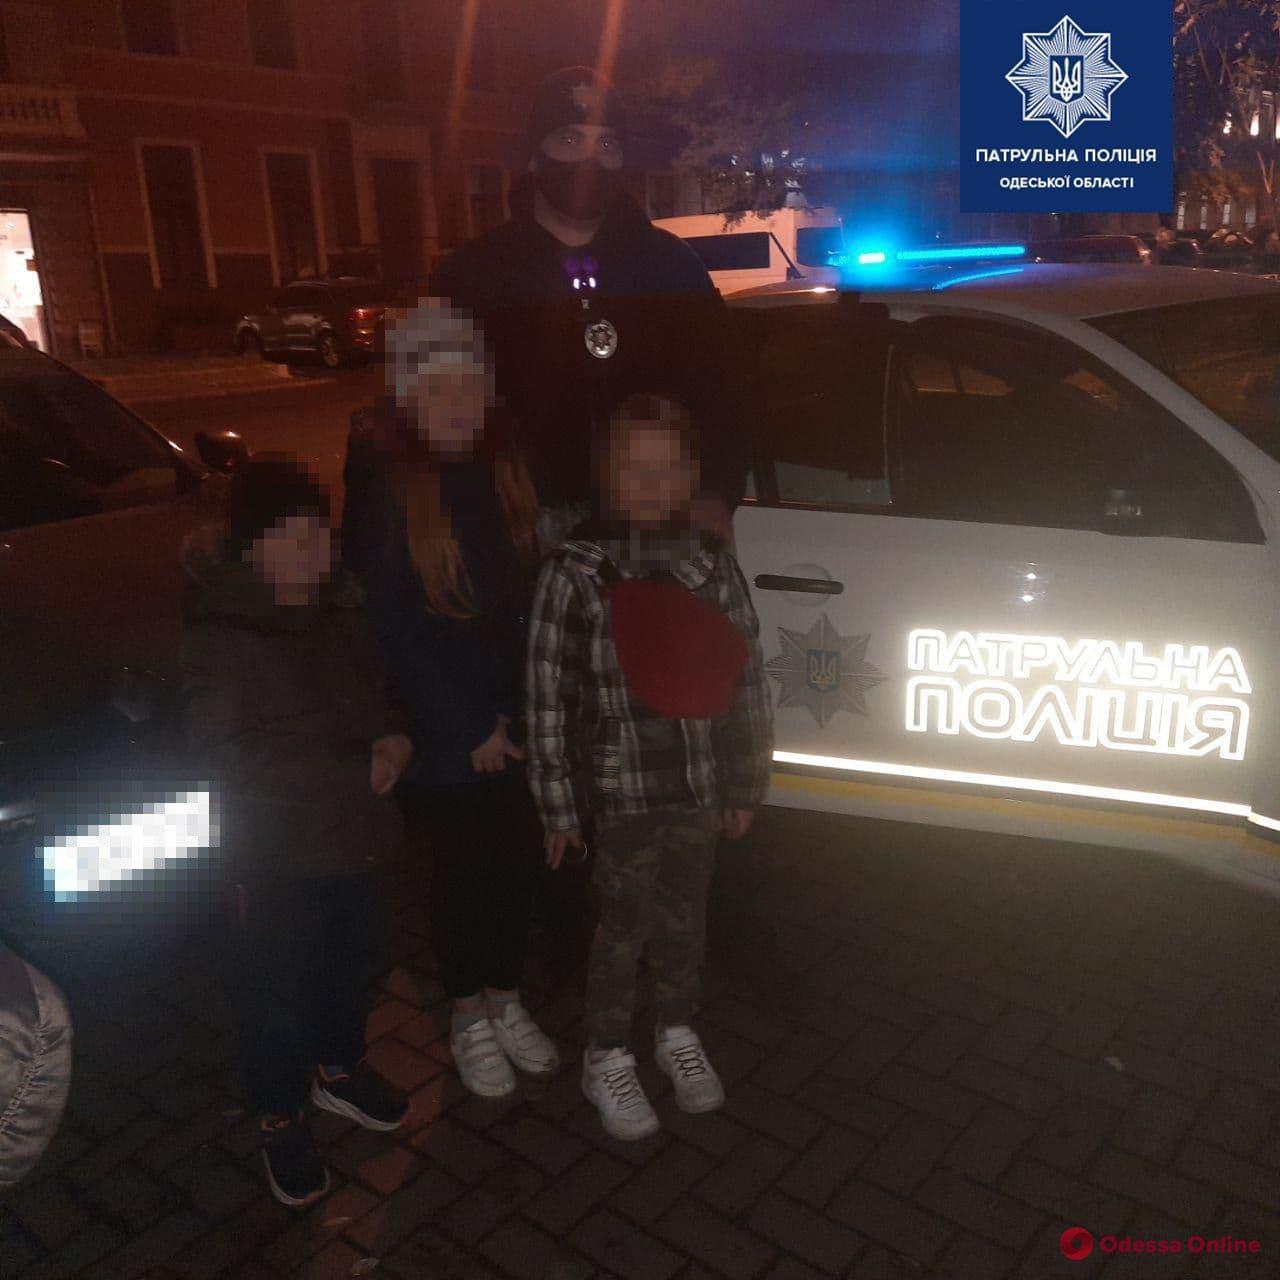 Ушли гулять и отключили телефоны: одесские патрульные вернули родителям трех детей